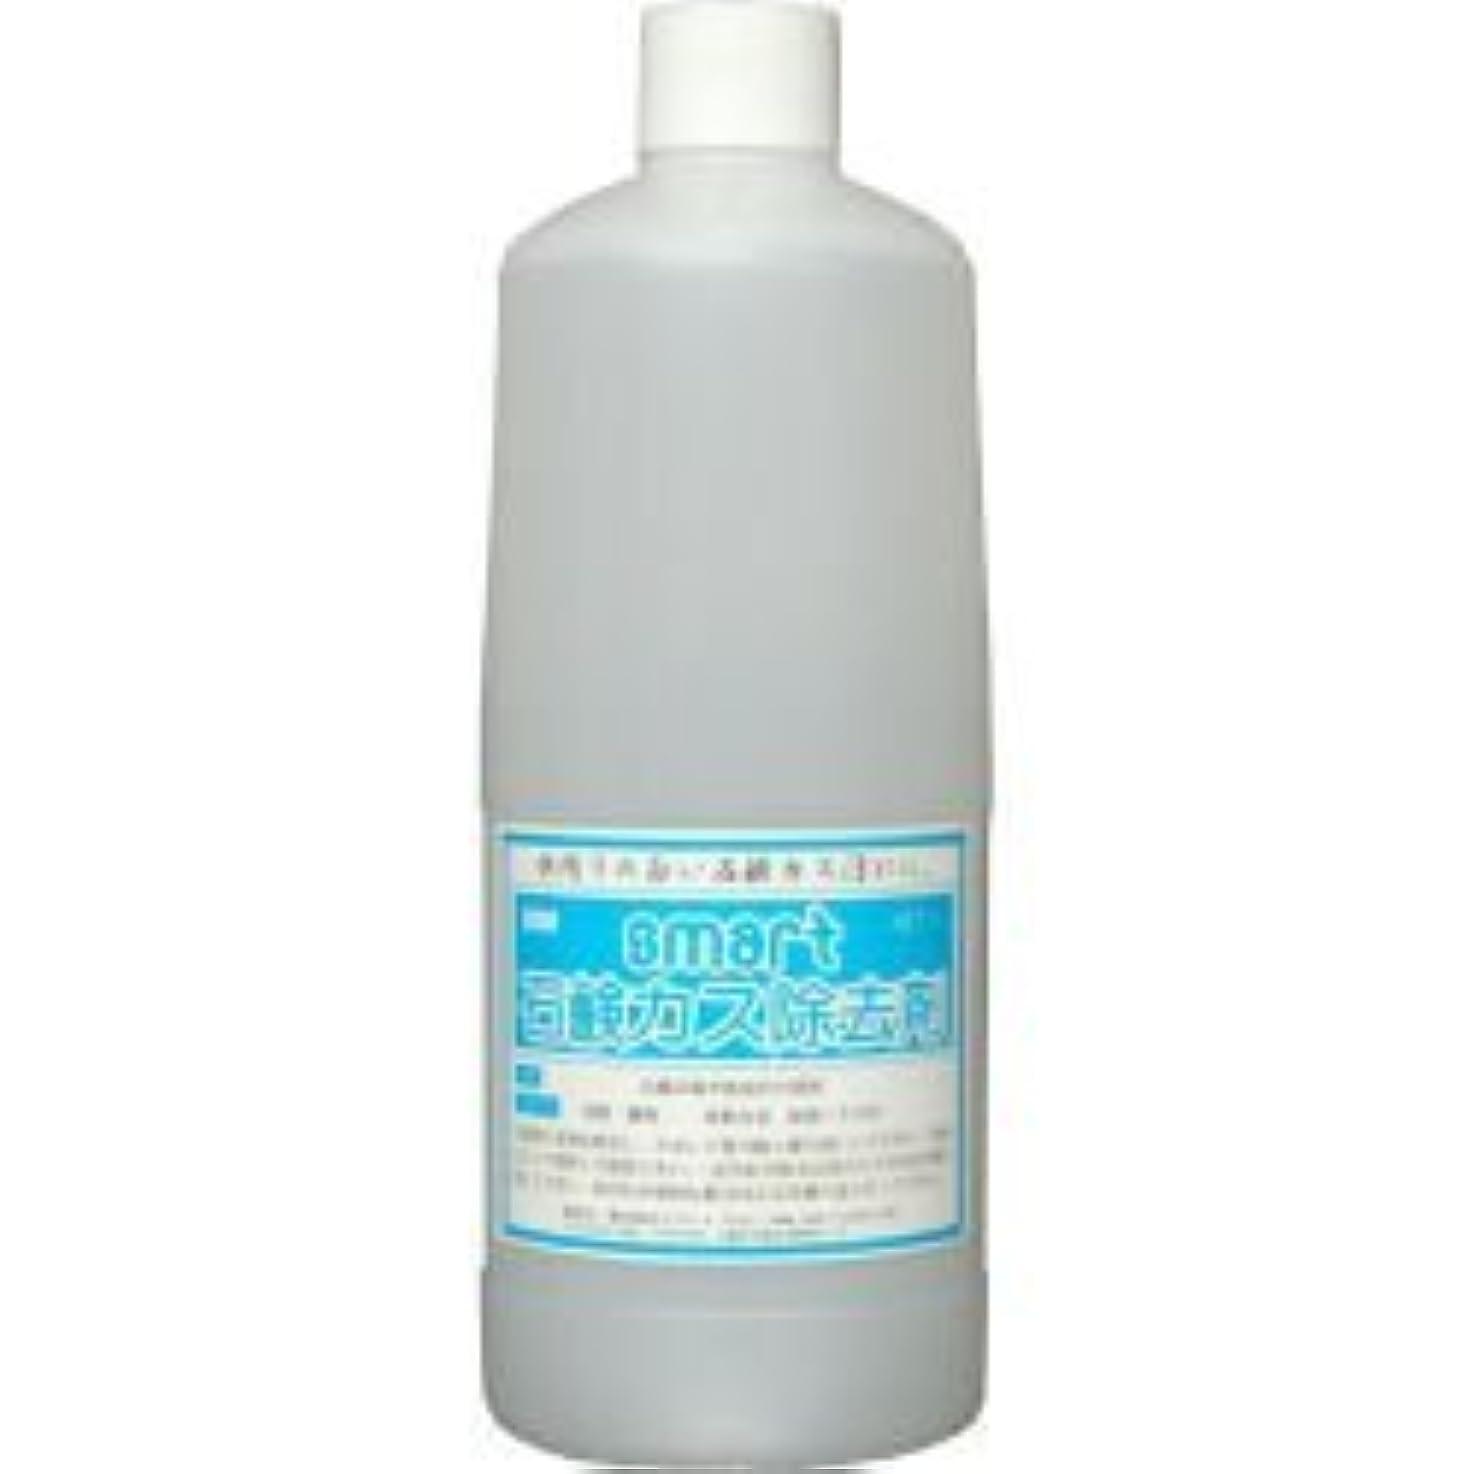 遠洋のうぬぼれた音スマート石鹸カス除去剤 1L